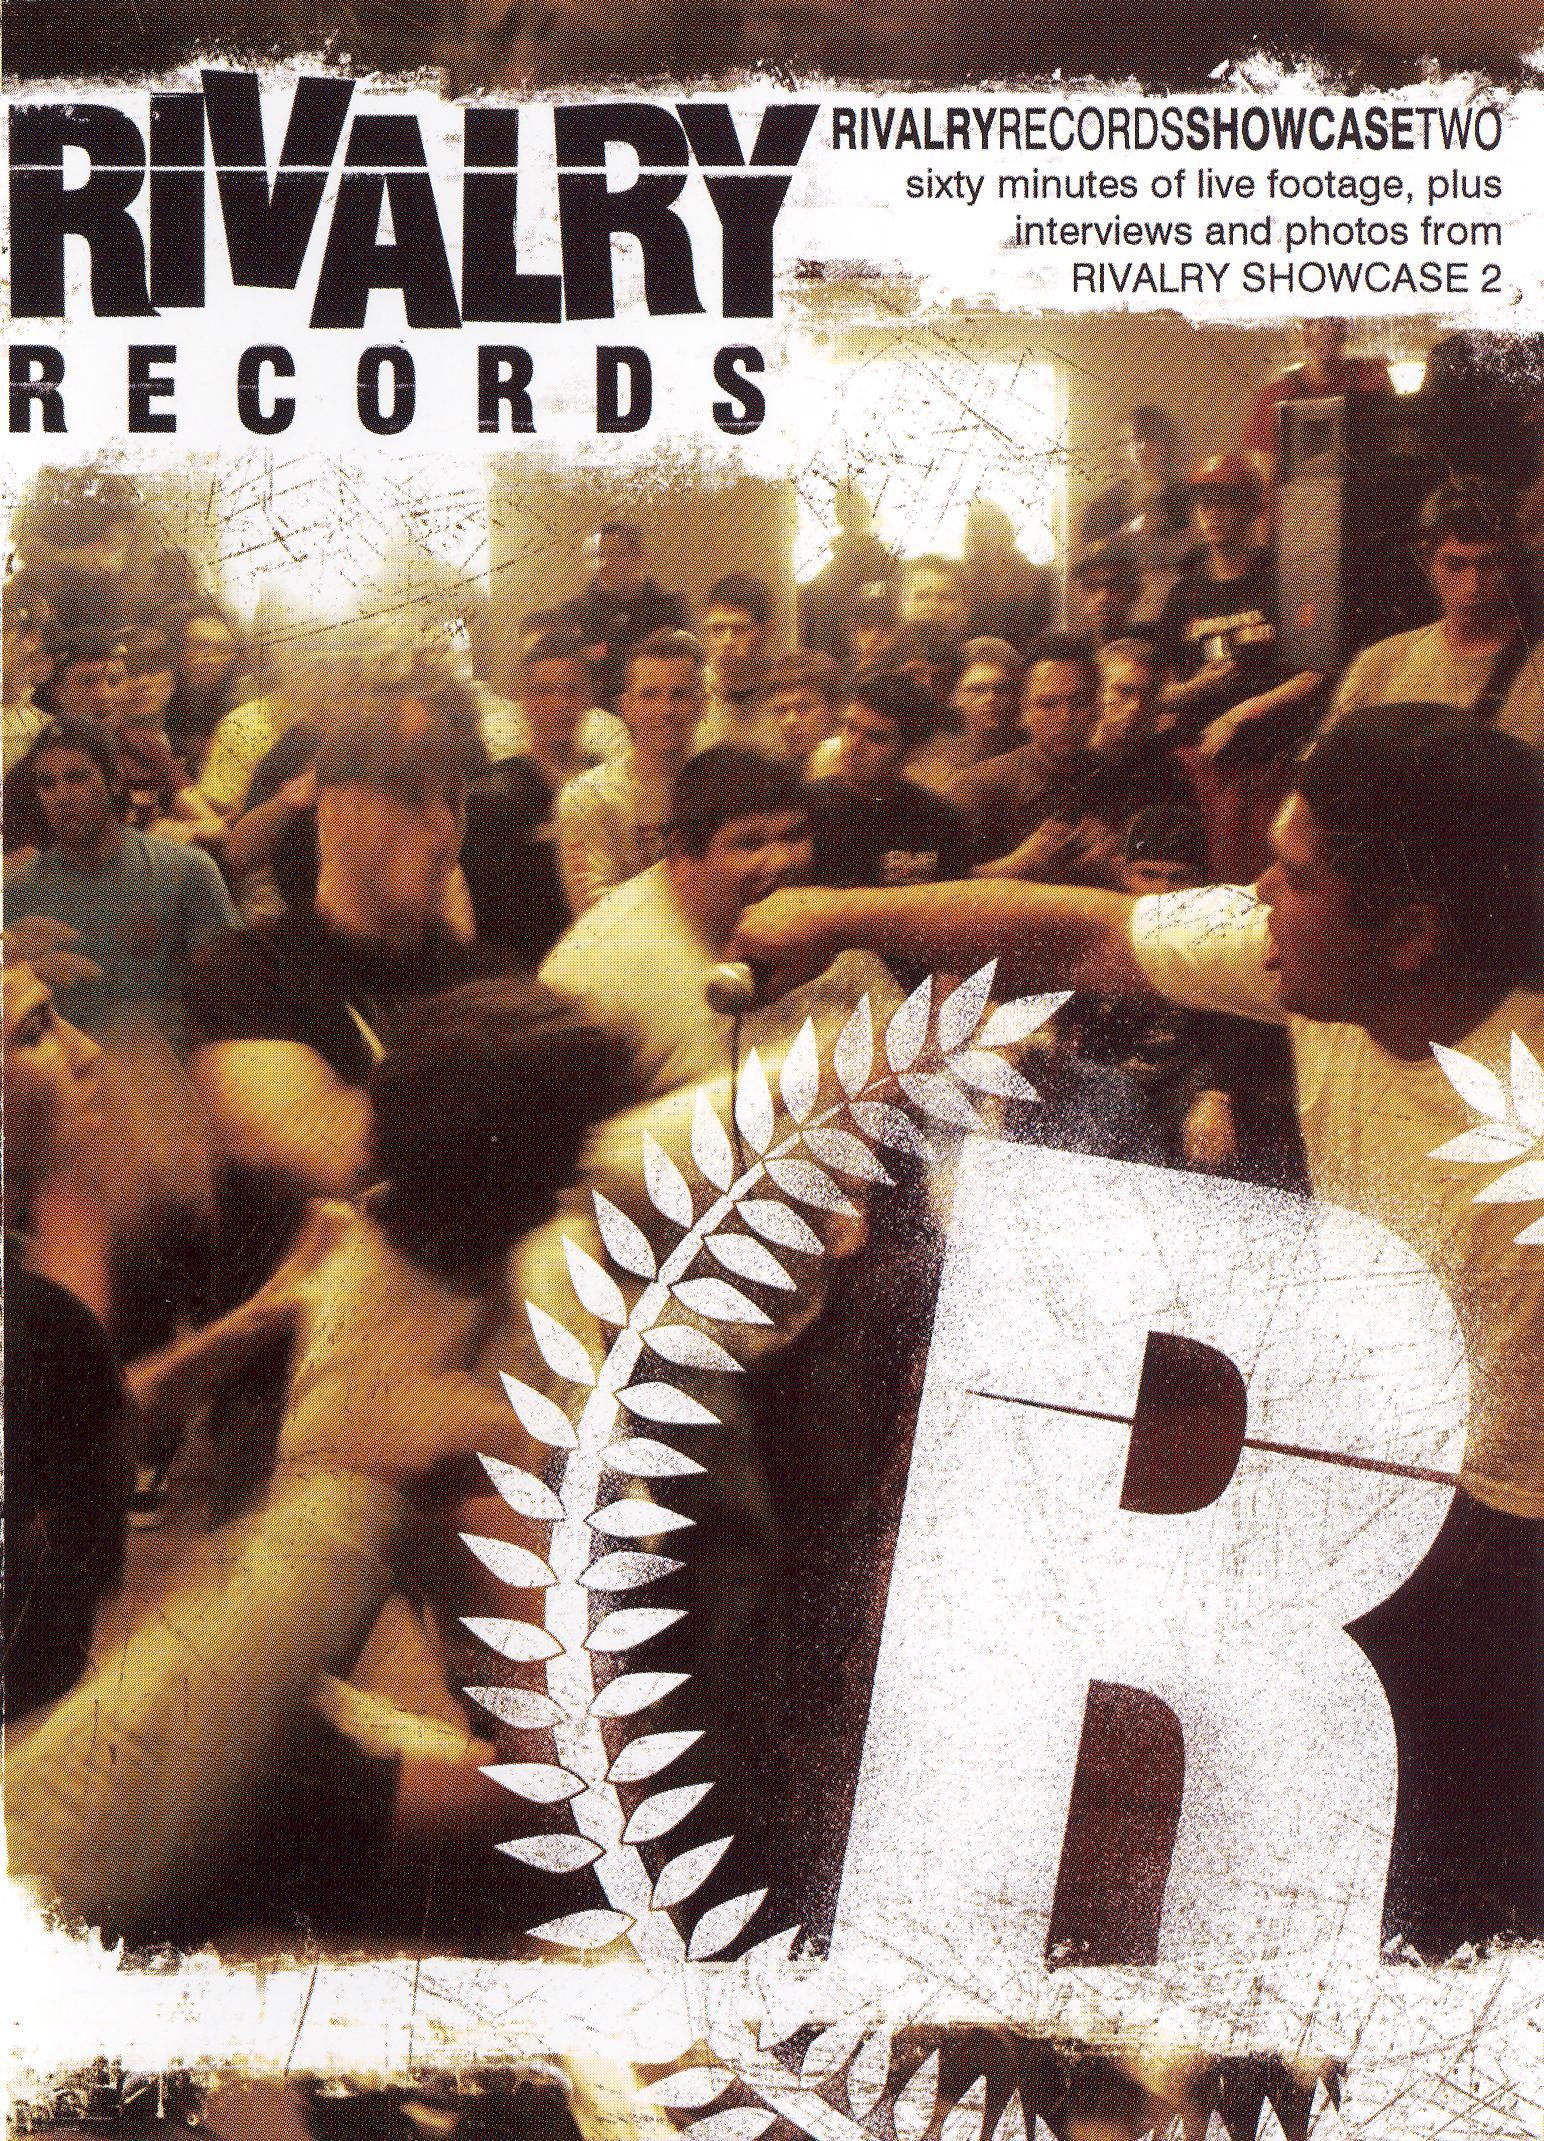 Rivalry Records: Rivalry Showcase 2